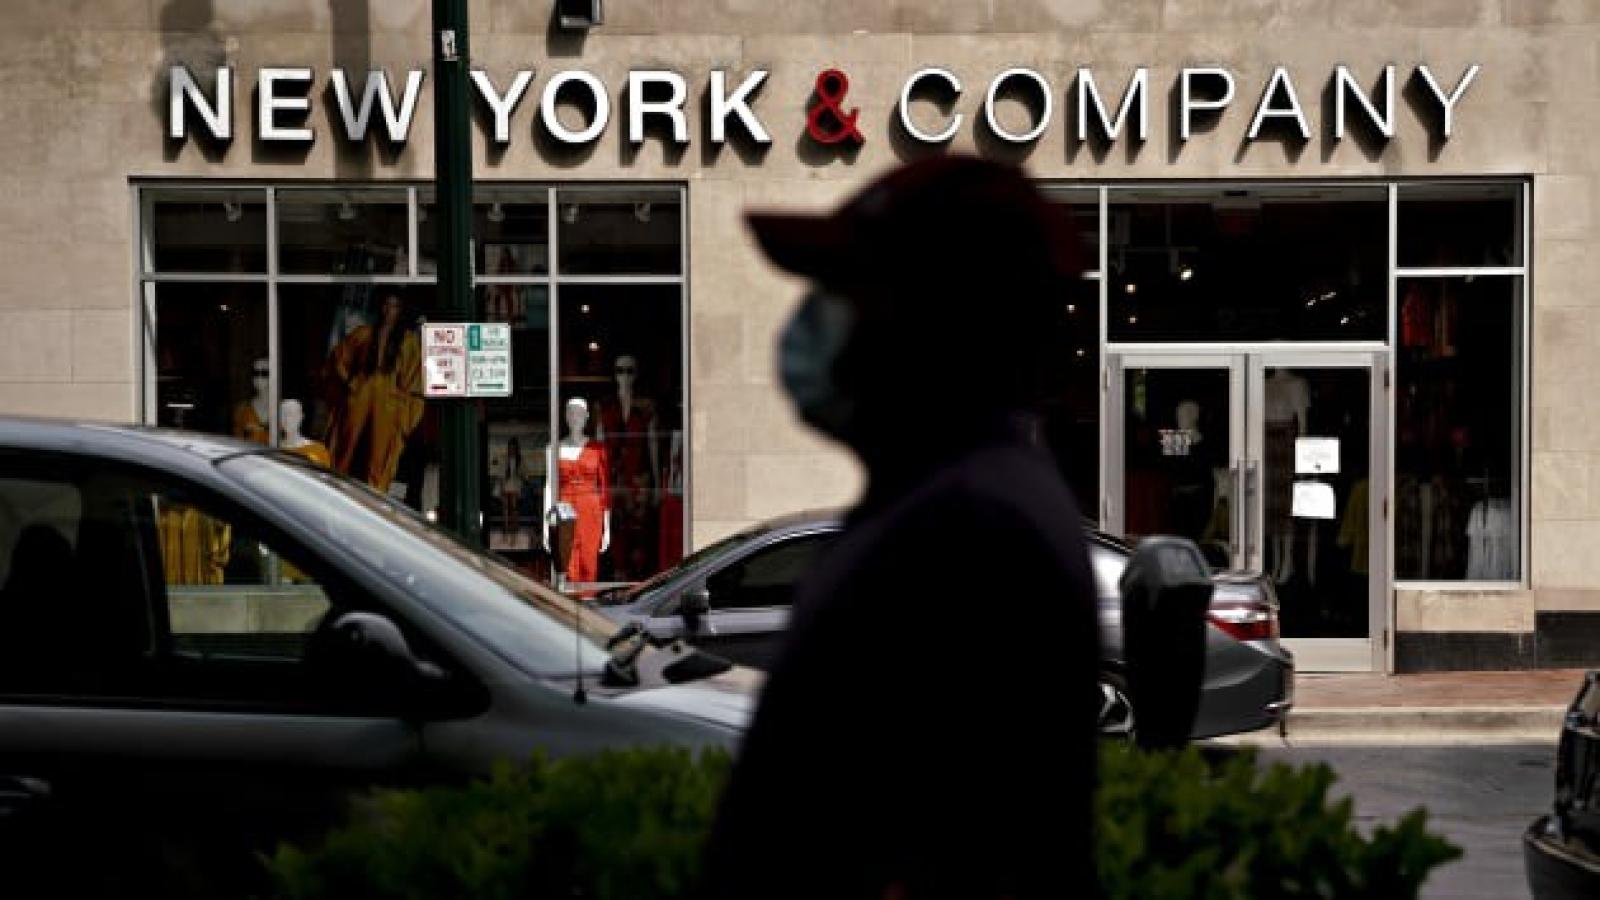 Khó khăn vì Covid-19, nhiều nhà bán lẻ tại Mỹ phá sản